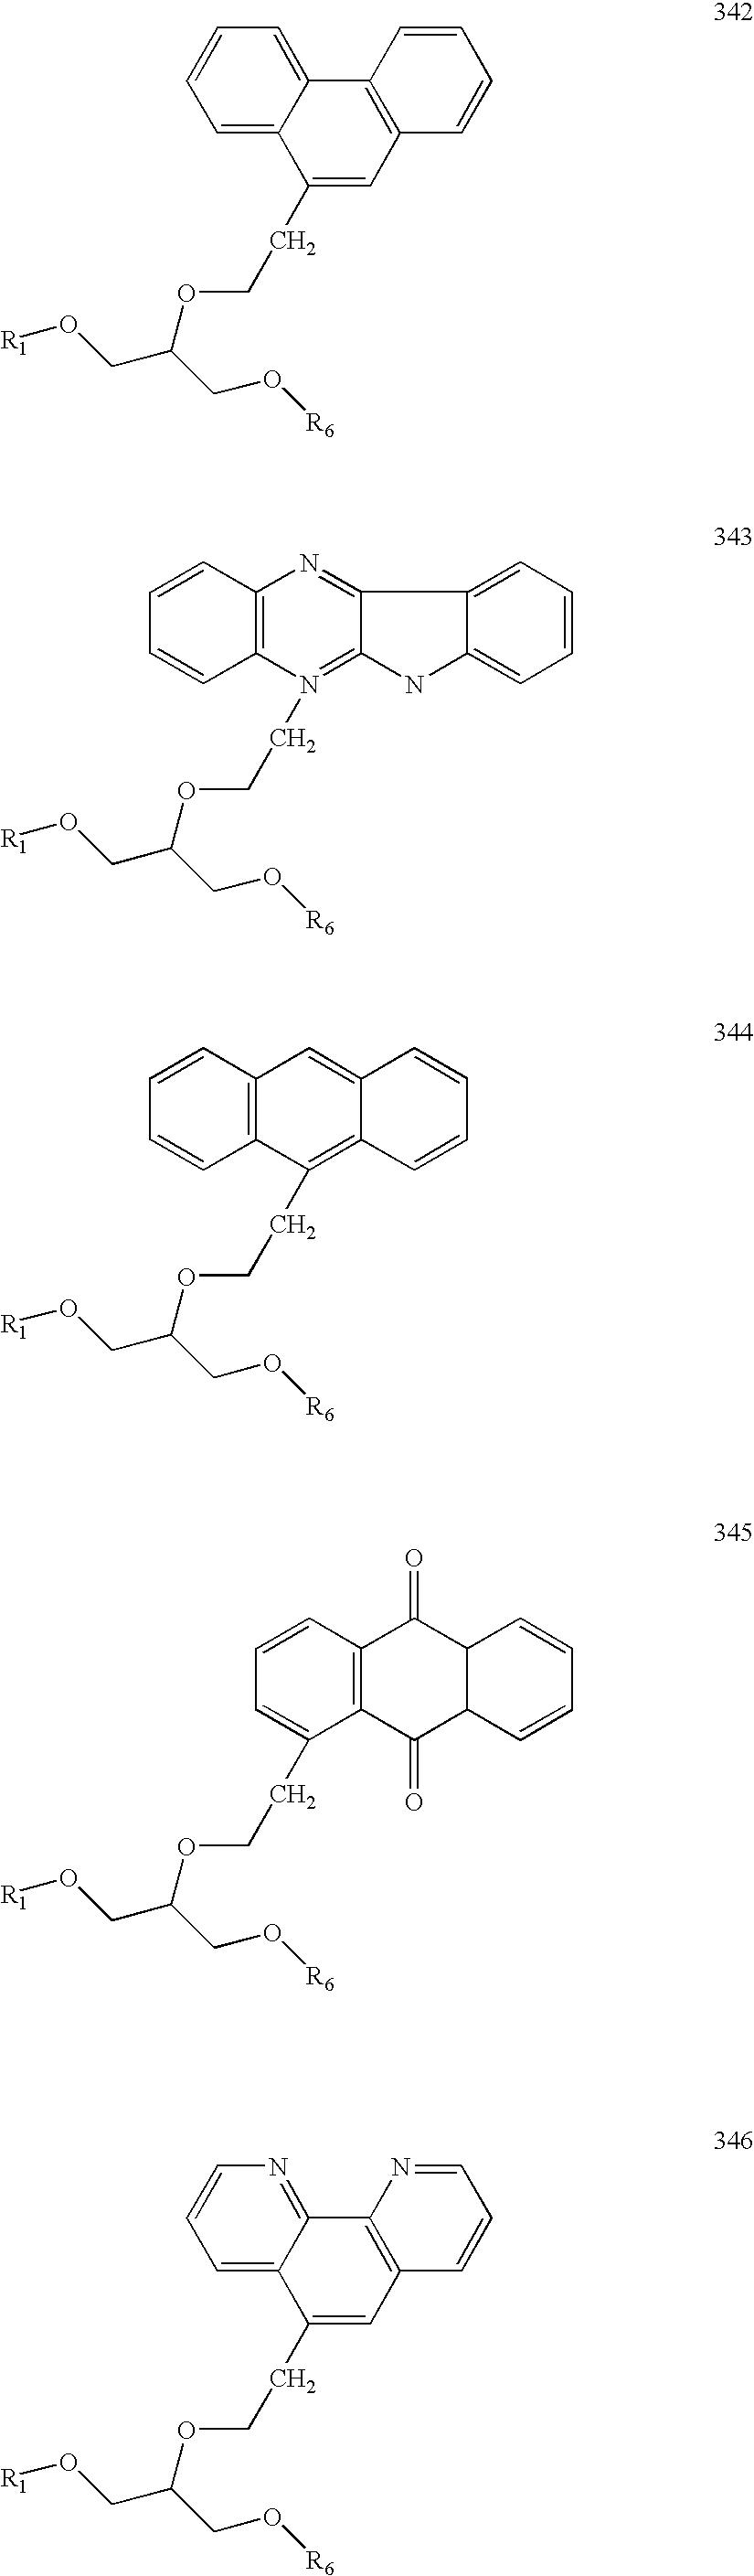 Figure US20060014144A1-20060119-C00164